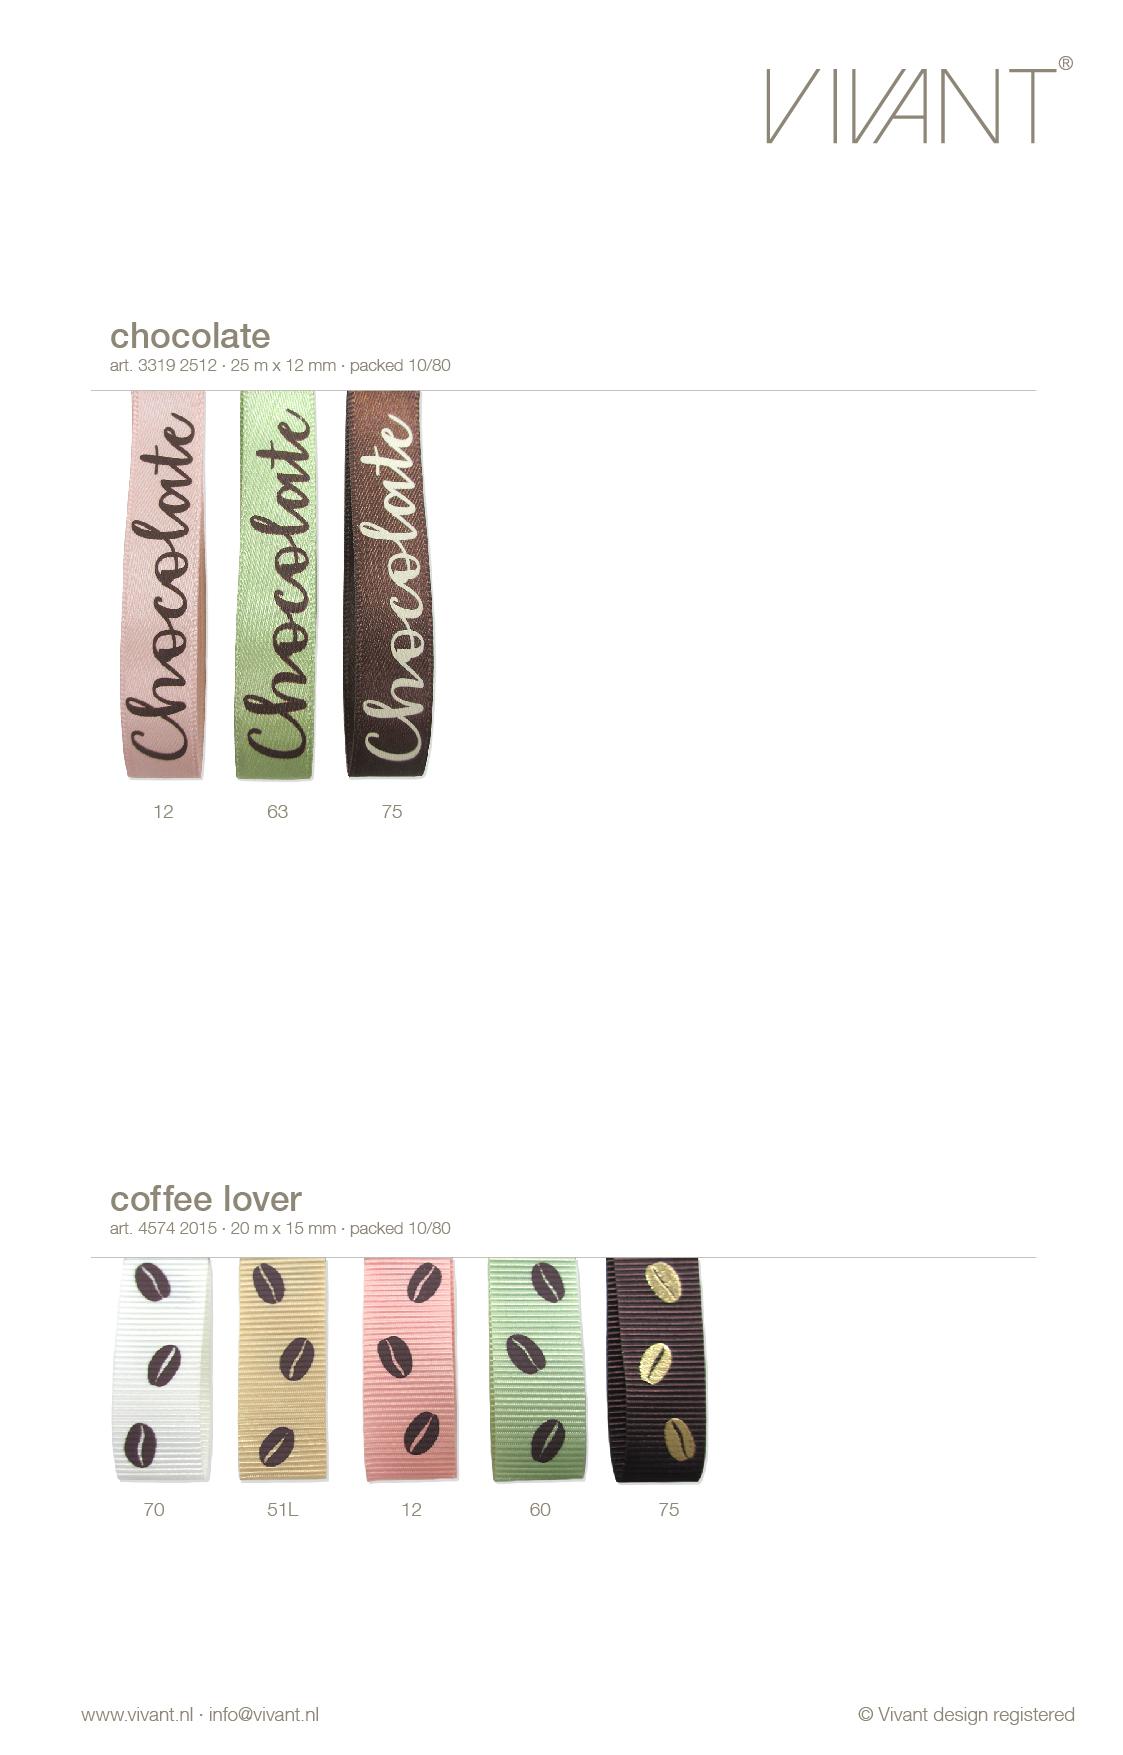 chocolate lint van satijn met tekst print in chocoladeletters 3 kleuren, in 12 mm voor cosmetica verpakkingen, inpakken en decoreren.